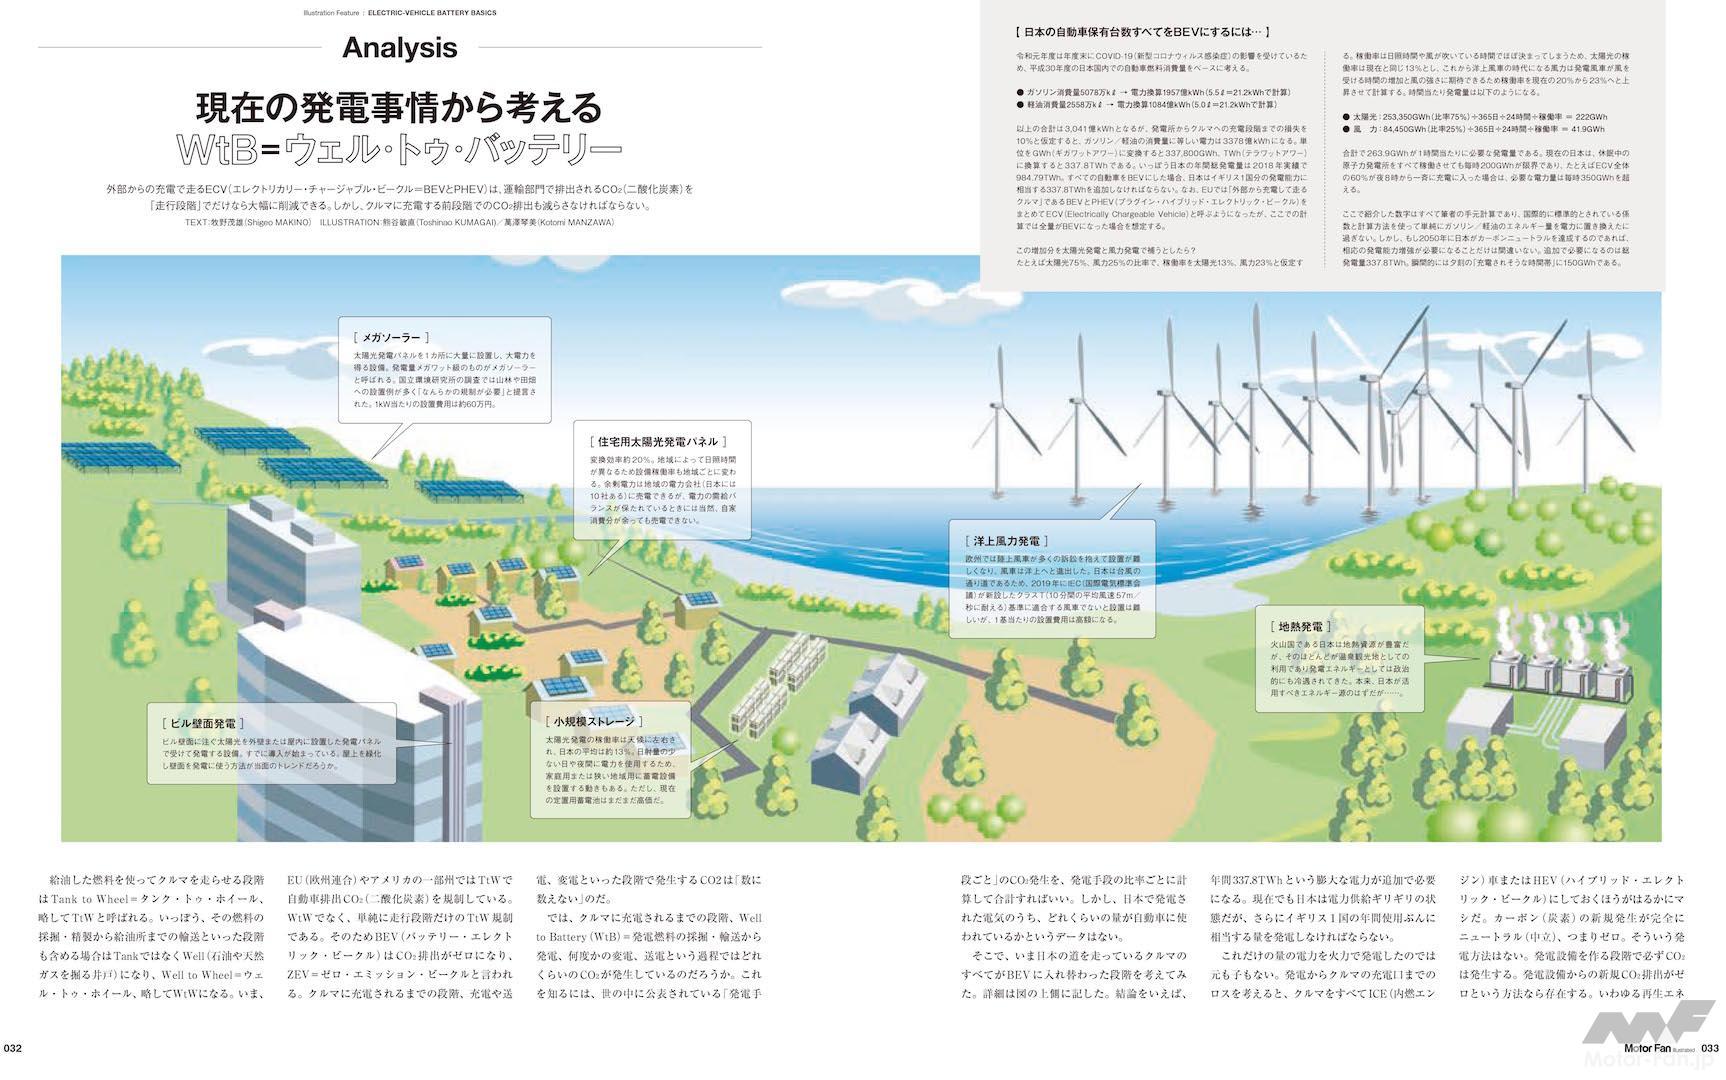 「リチウムイオンバッテリー、全固体電池、急速充電 etc……2021年現在の電池事情を探る:MFi178特集「よくわかるバッテリー」」の3枚目の画像